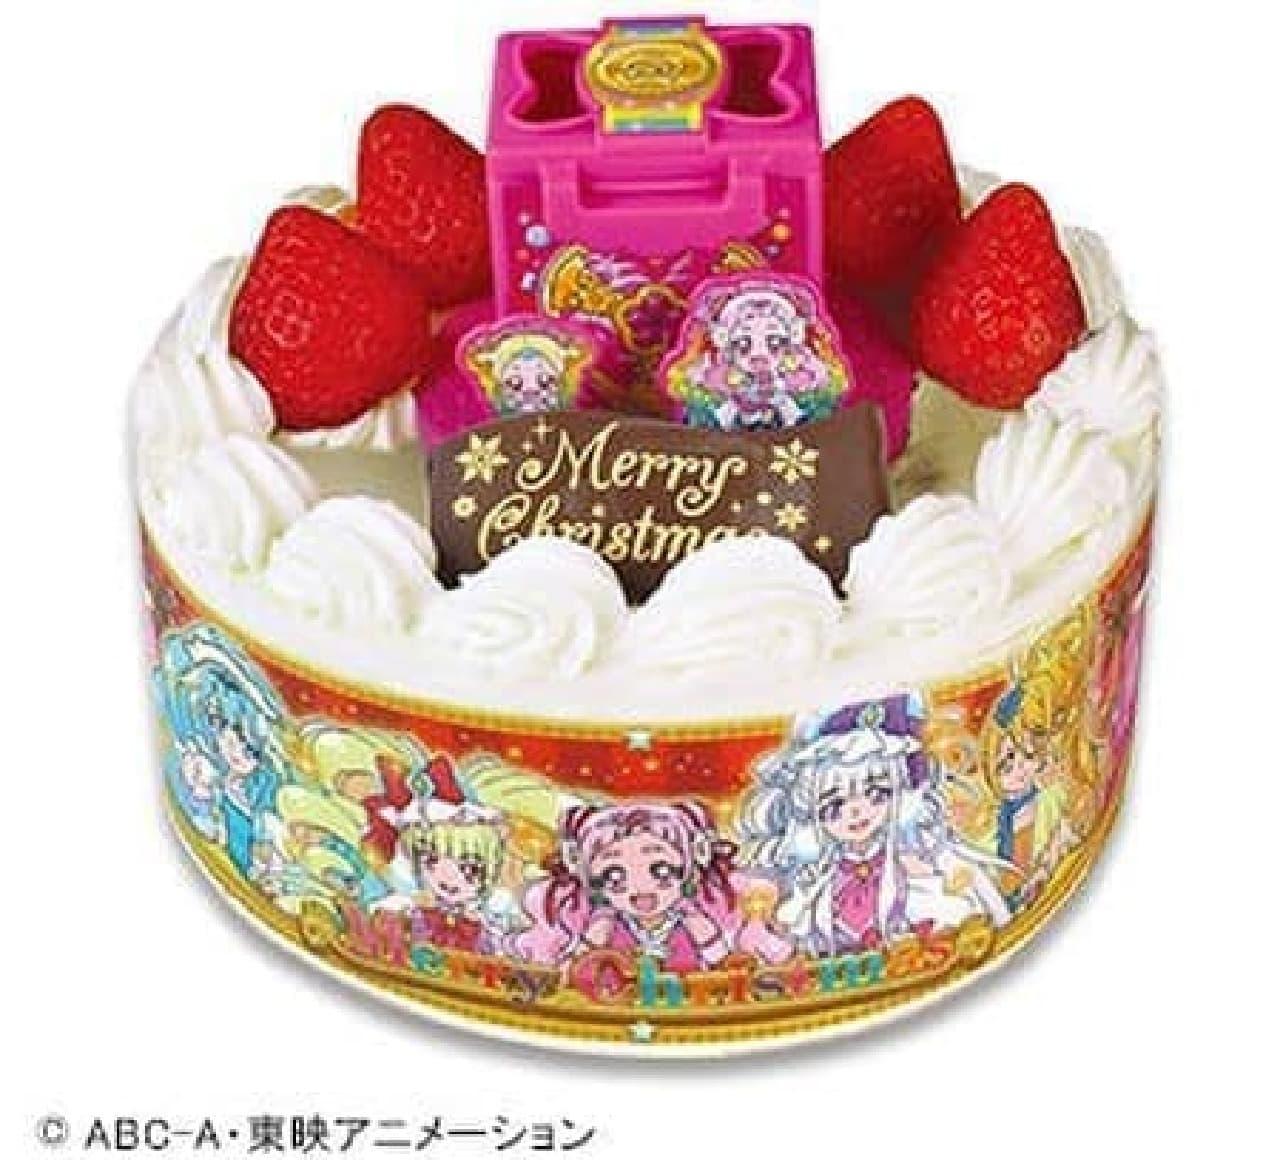 不二家「キャラデコクリスマス HUGっと!プリキュア ショートケーキ」